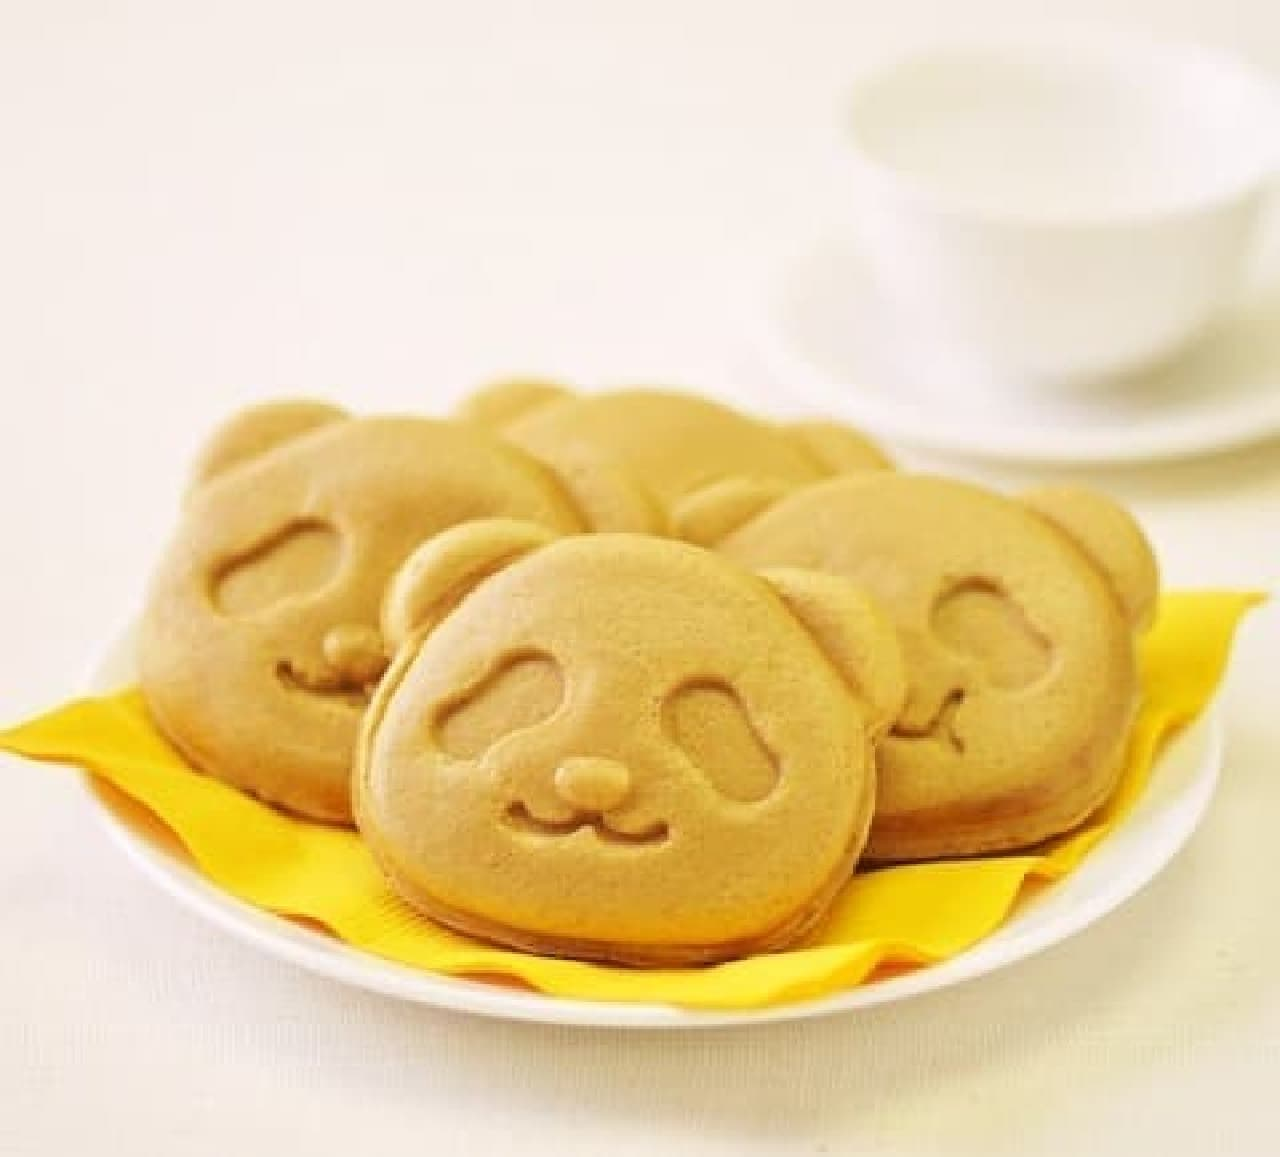 銀座コージーコーナーの上野公園ルエノ店「パンダ焼き(マロン)」